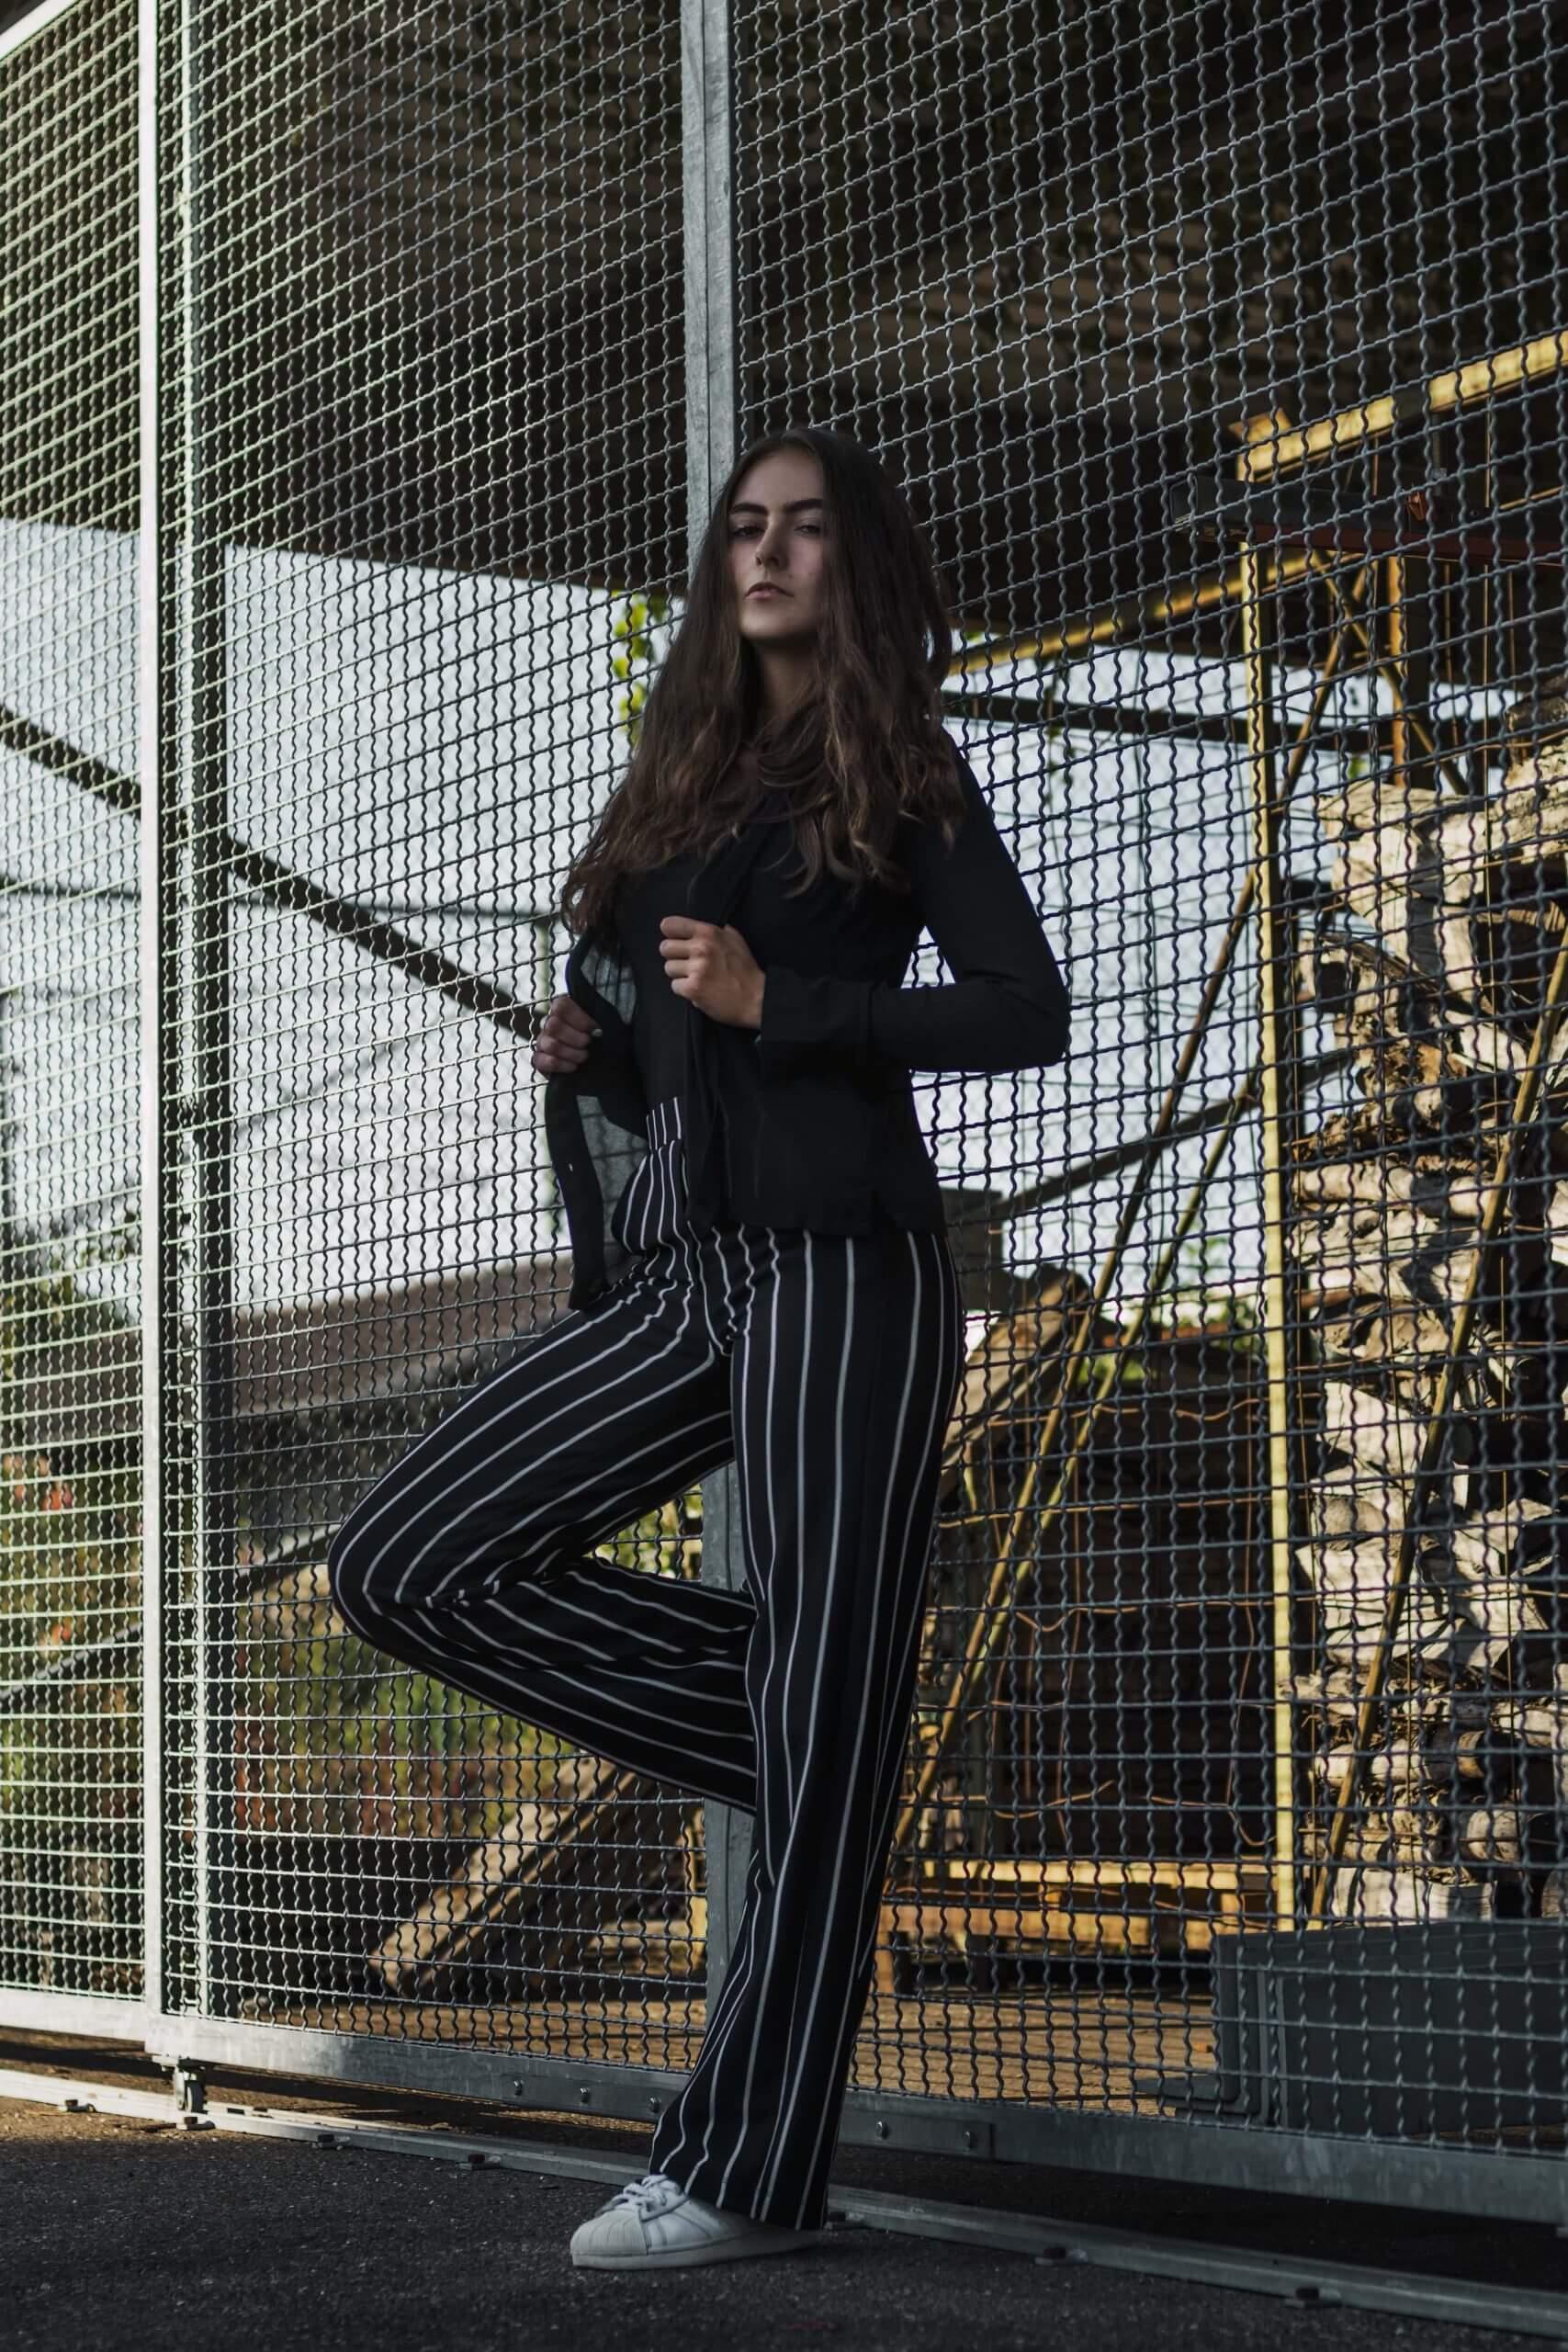 Portrait eines Mädchens vor einem Gitter